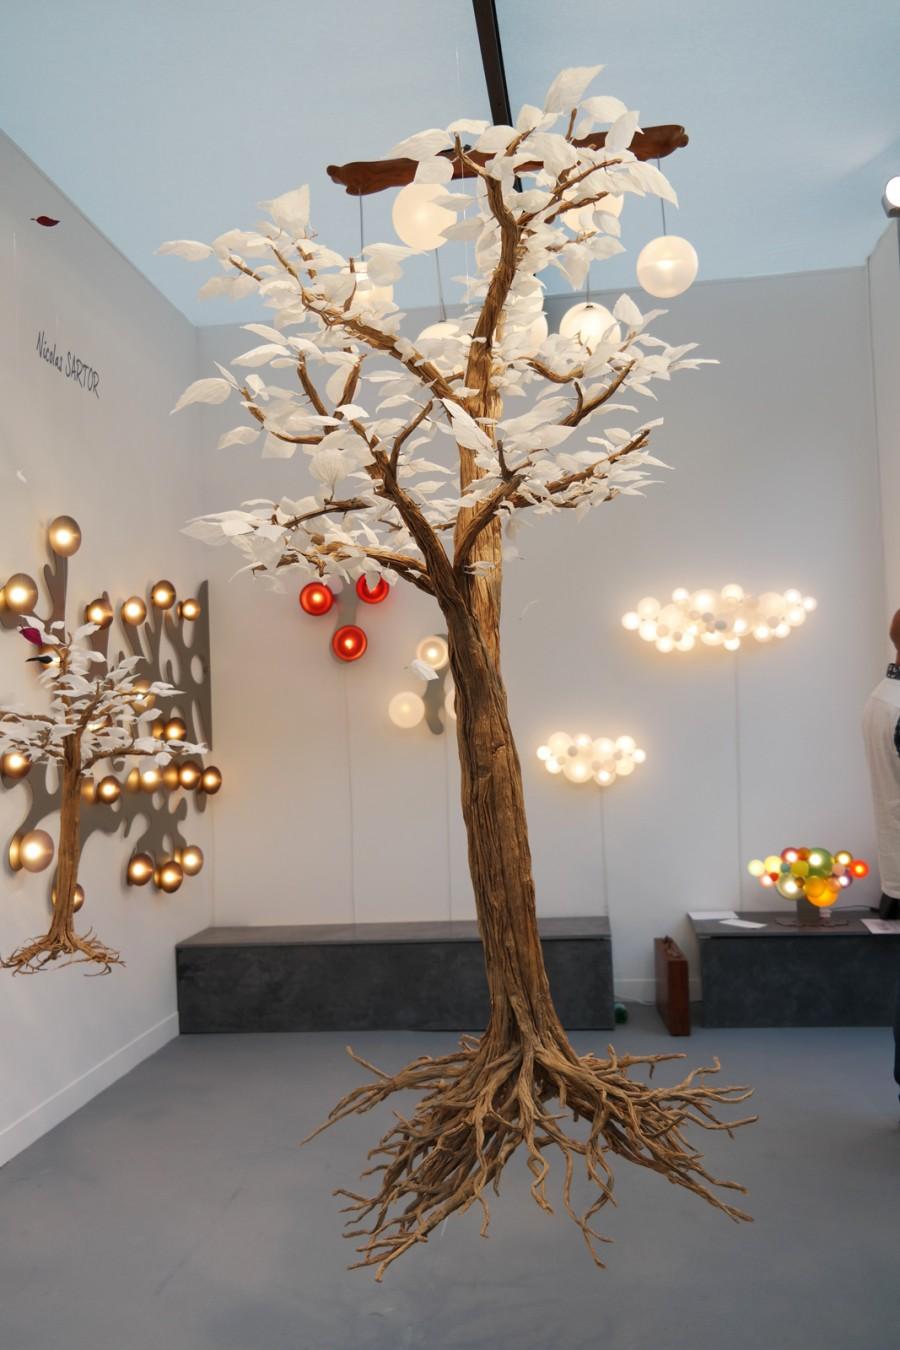 arbre aux feuilles de papier kraft par charles macaire charlot cie et luminaires salon. Black Bedroom Furniture Sets. Home Design Ideas